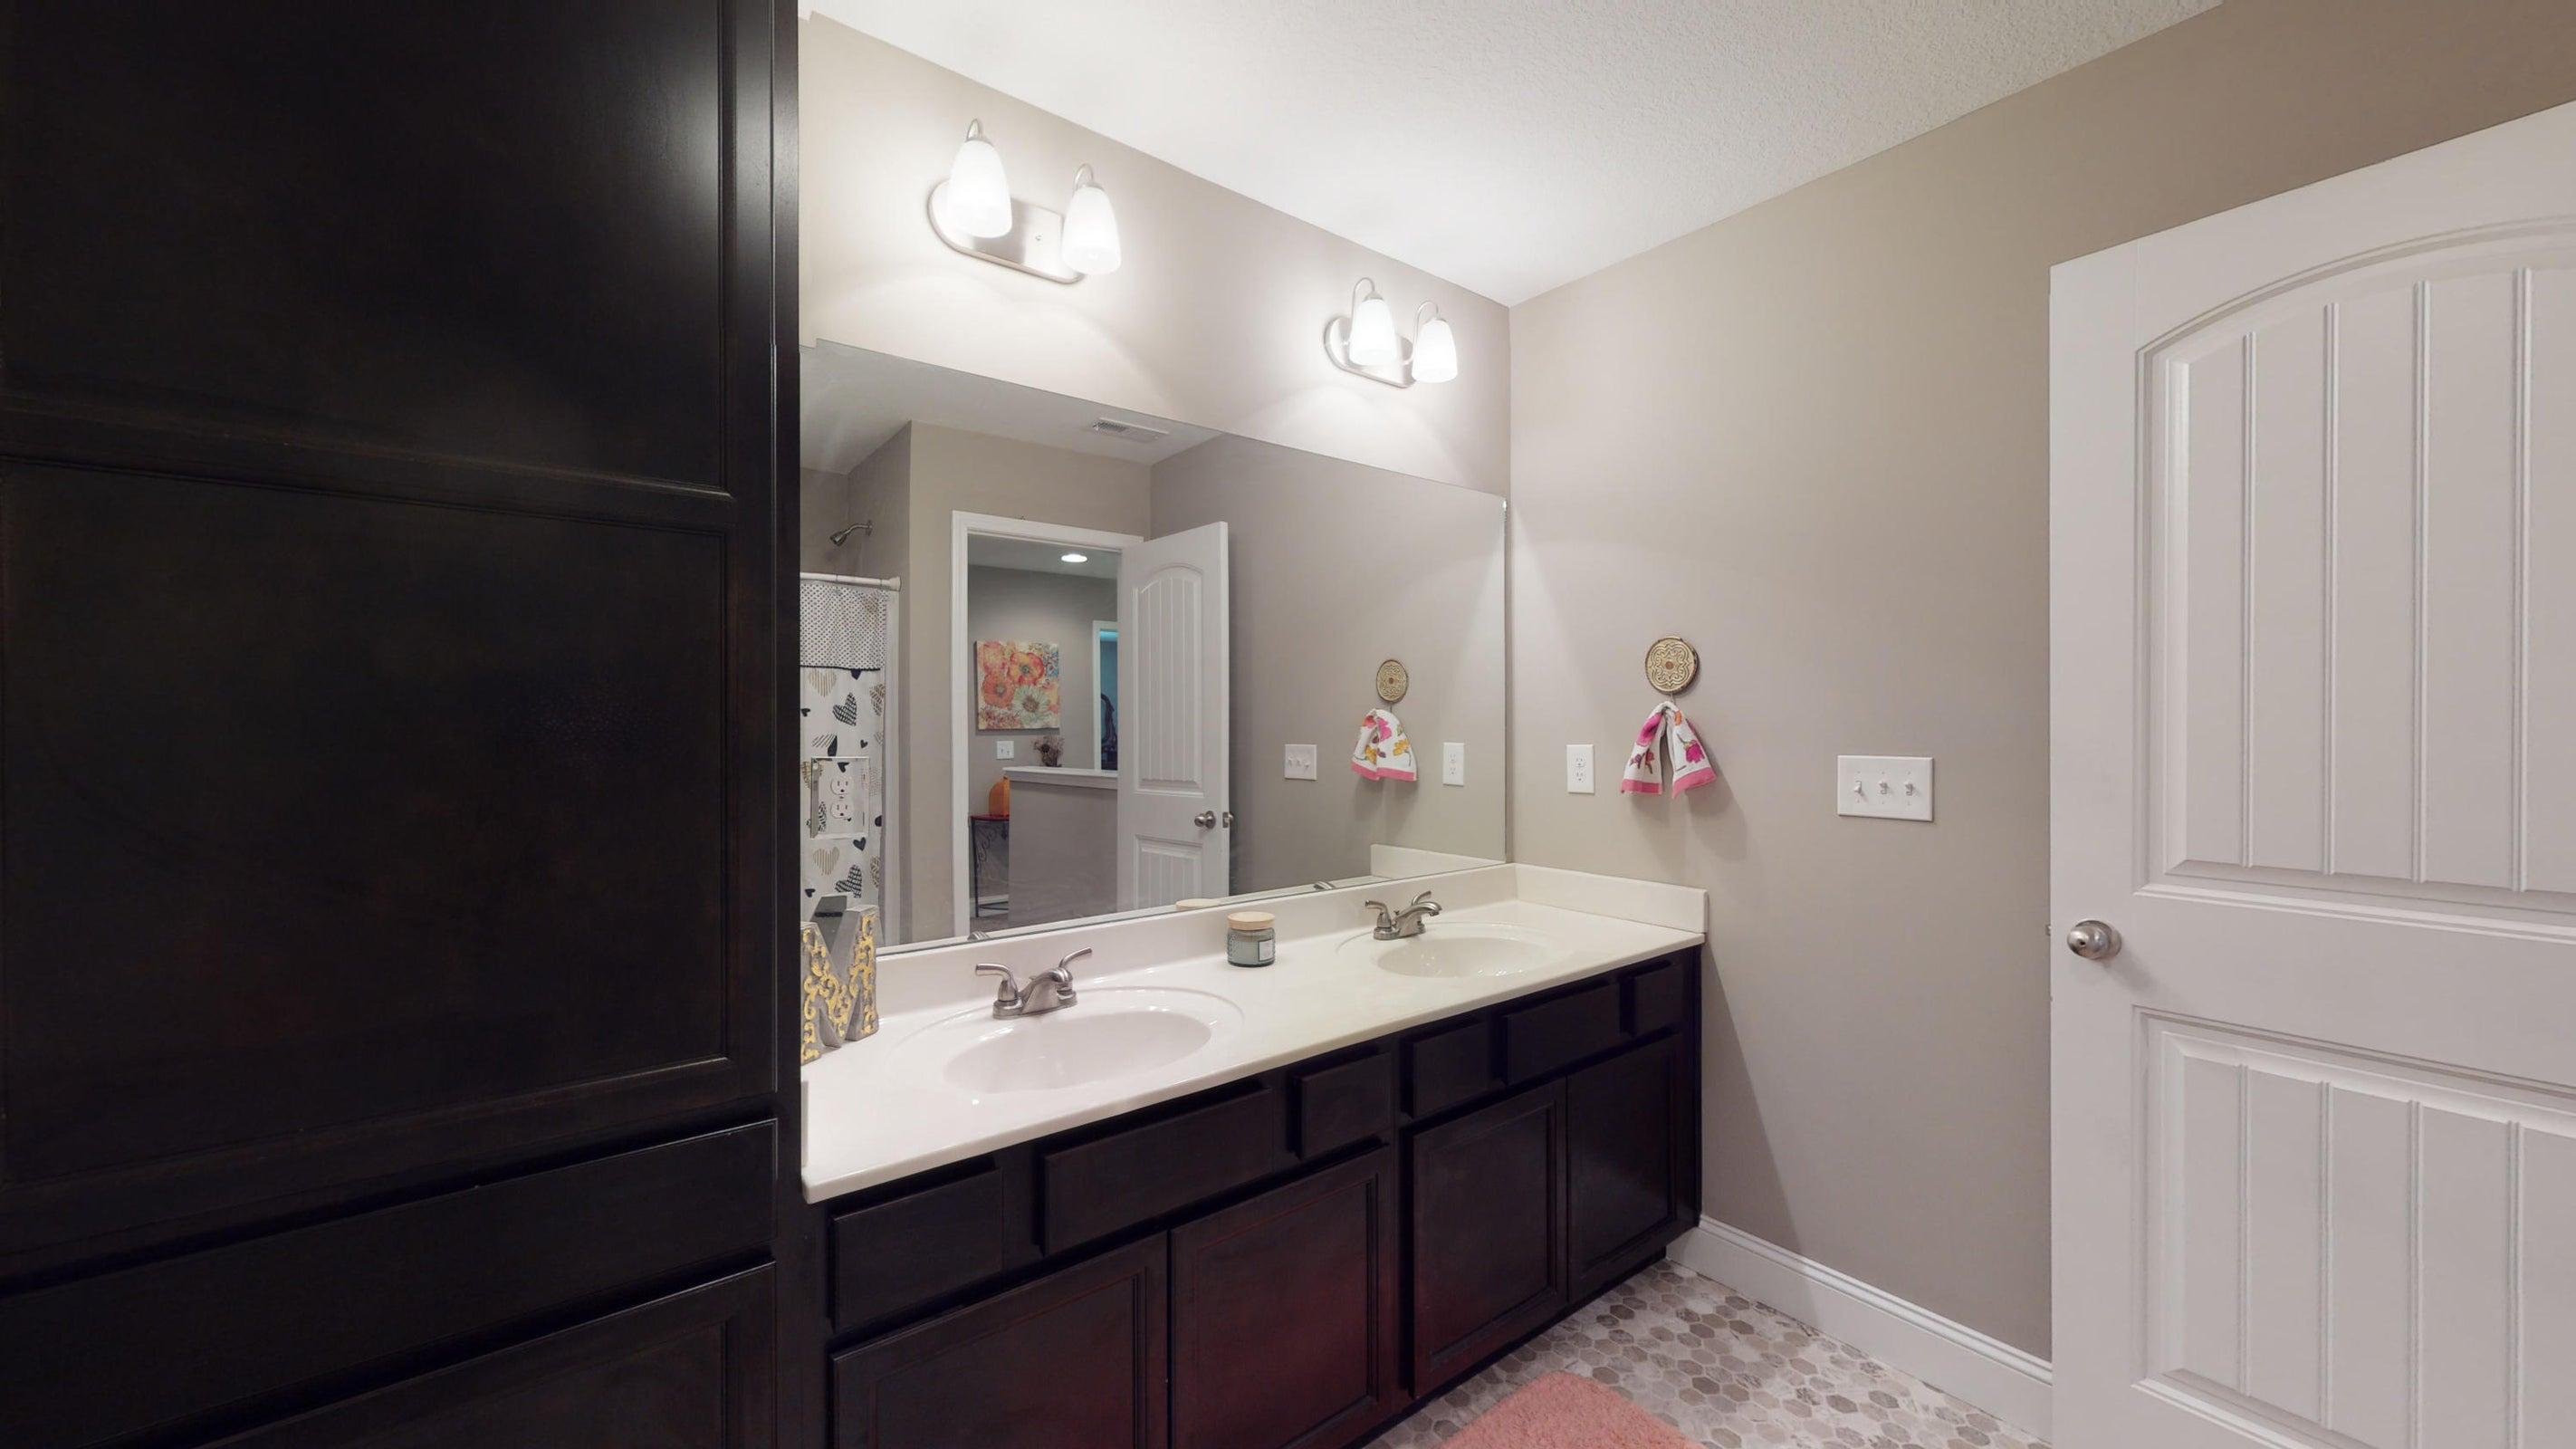 2352-Madeline-lane-Full-Bathroom-11